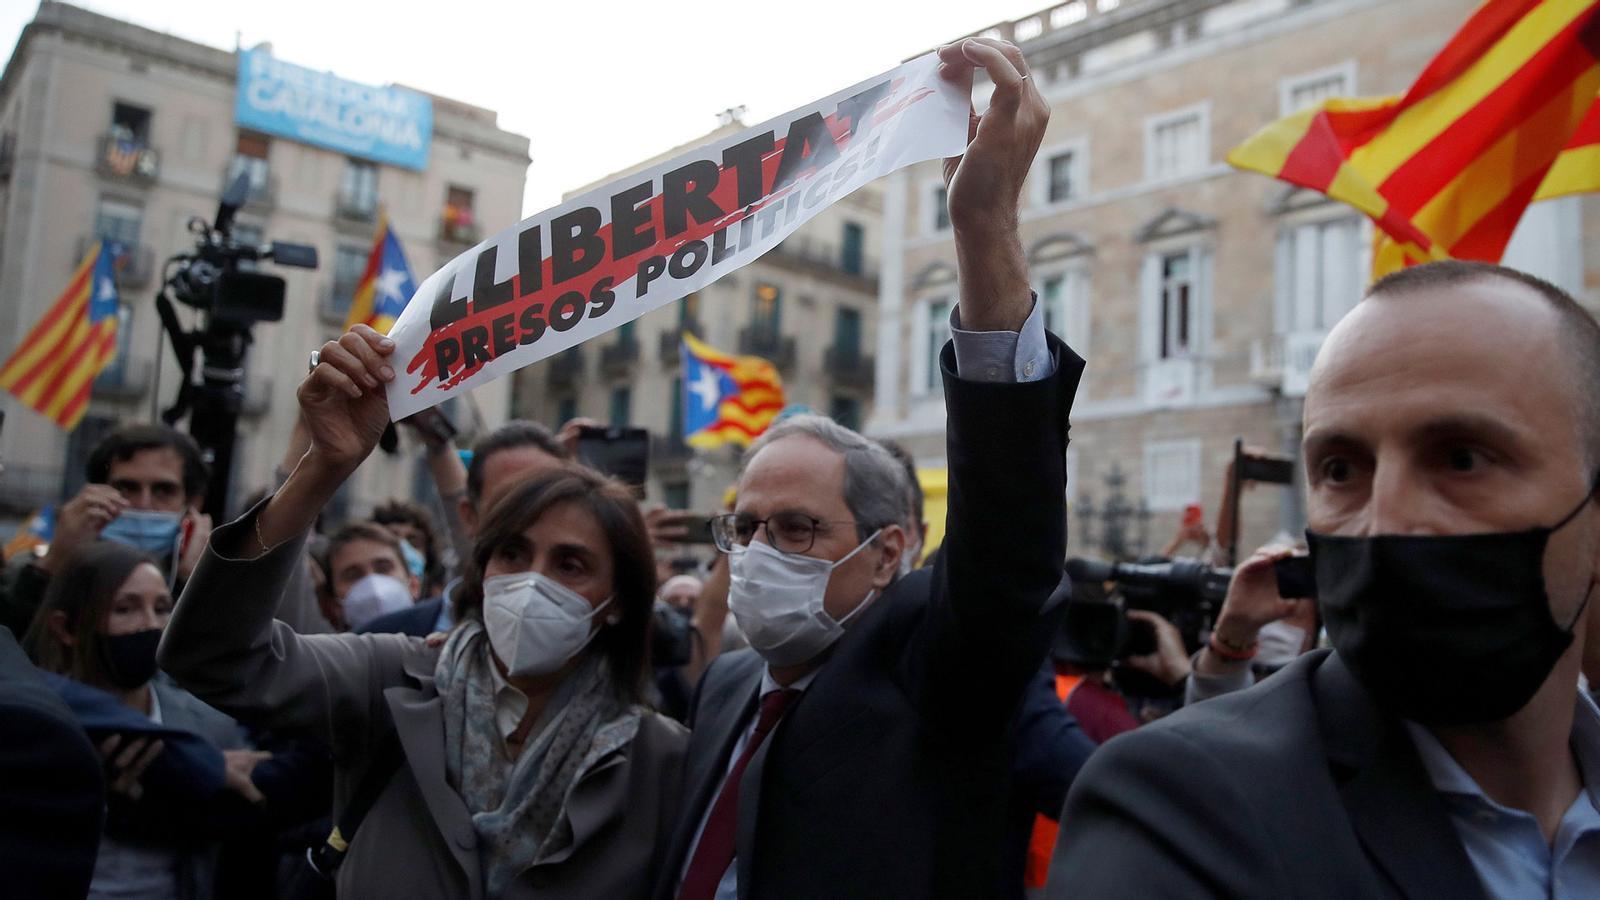 Quim Torra, inhabilitat, visita els presos polítics i preacord per estirar els ERTO fins al 31 de gener: les claus del dia, amb Antoni Bassas (29/09/2020)